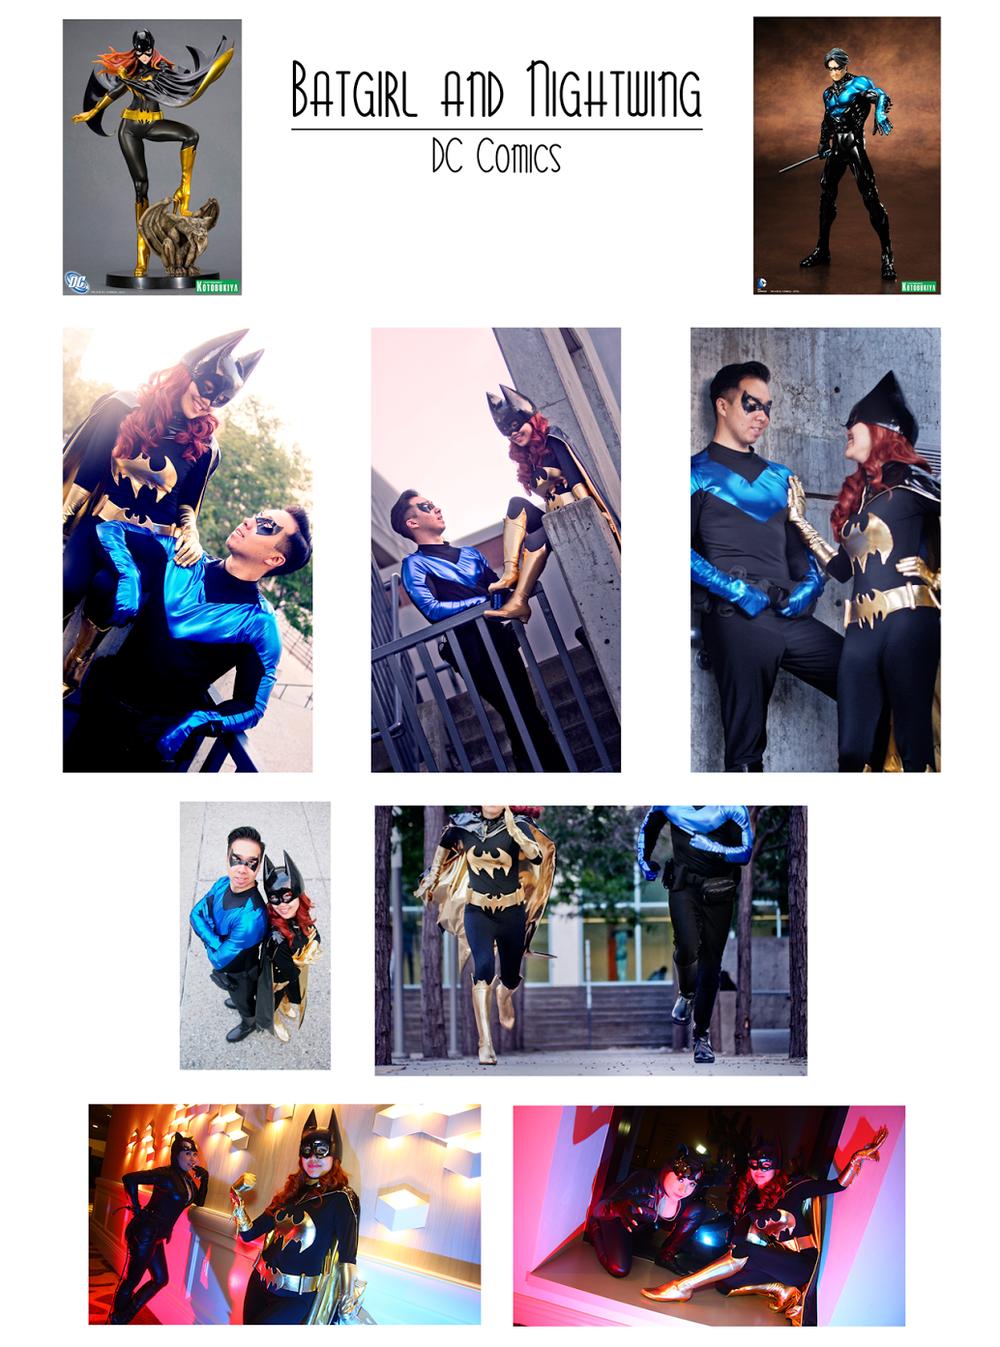 portfolio_costumeconstruction_batgirlnightwing.png